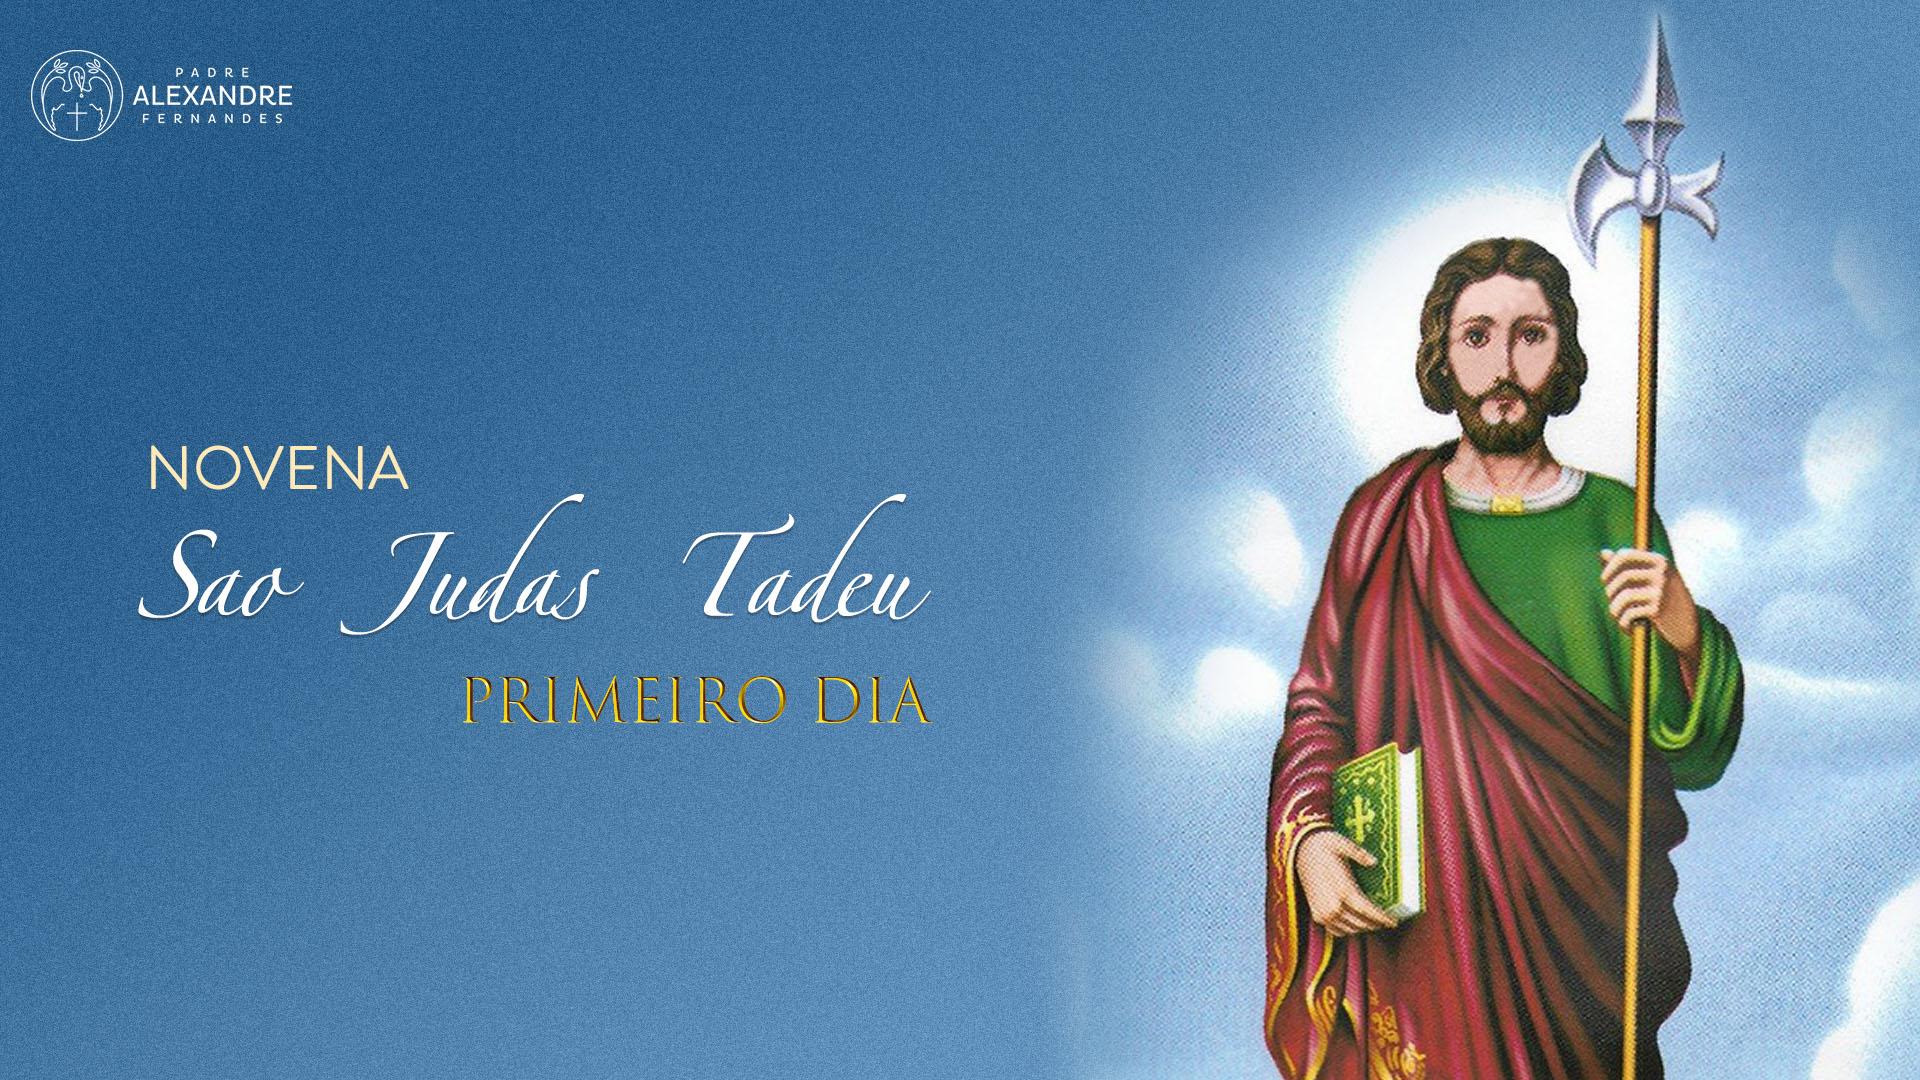 Novena São Judas